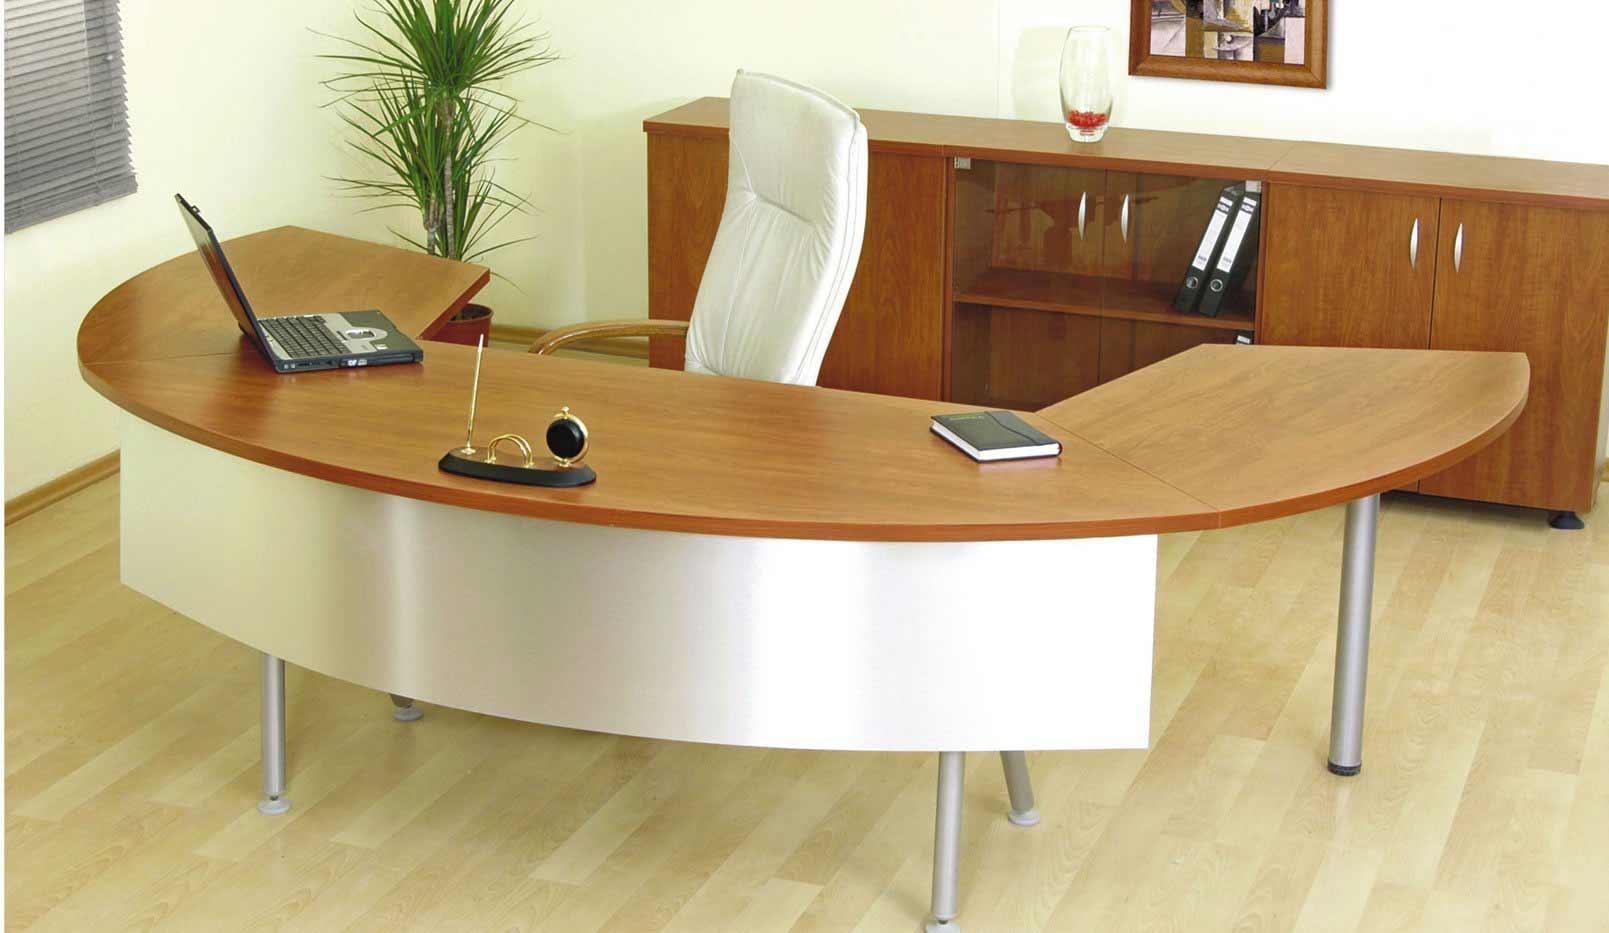 unique office desk ideas photo - 3